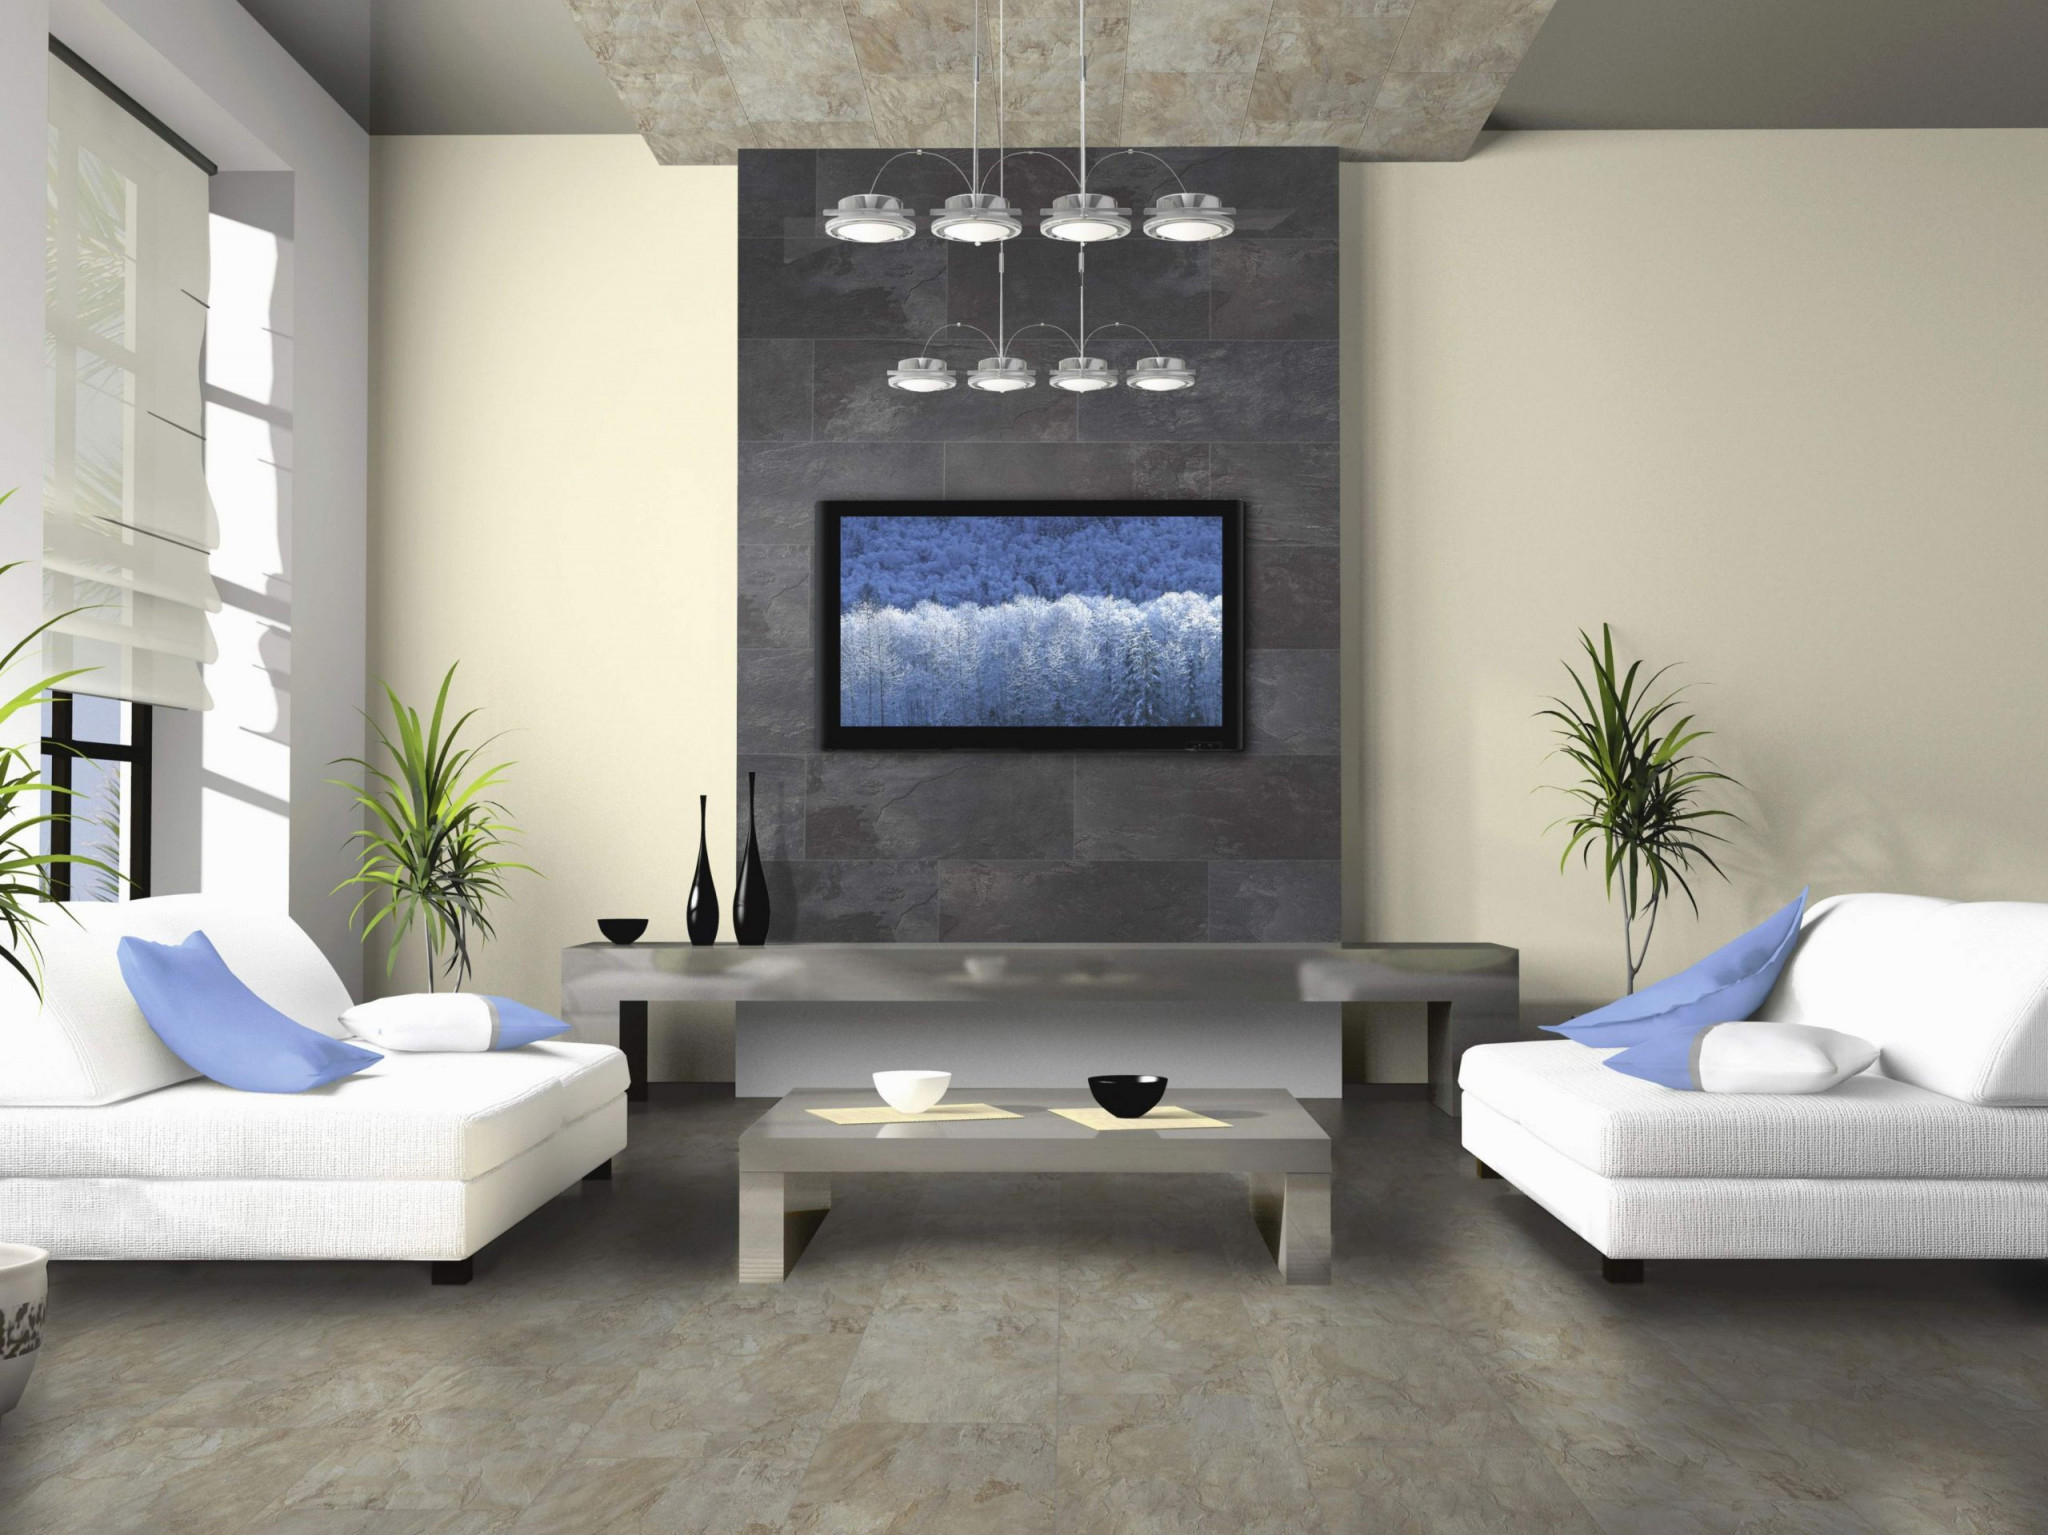 Wohnzimmer Ideen Wand Frisch Dekoration Wohnzimmer von Ideen Wand Wohnzimmer Bild